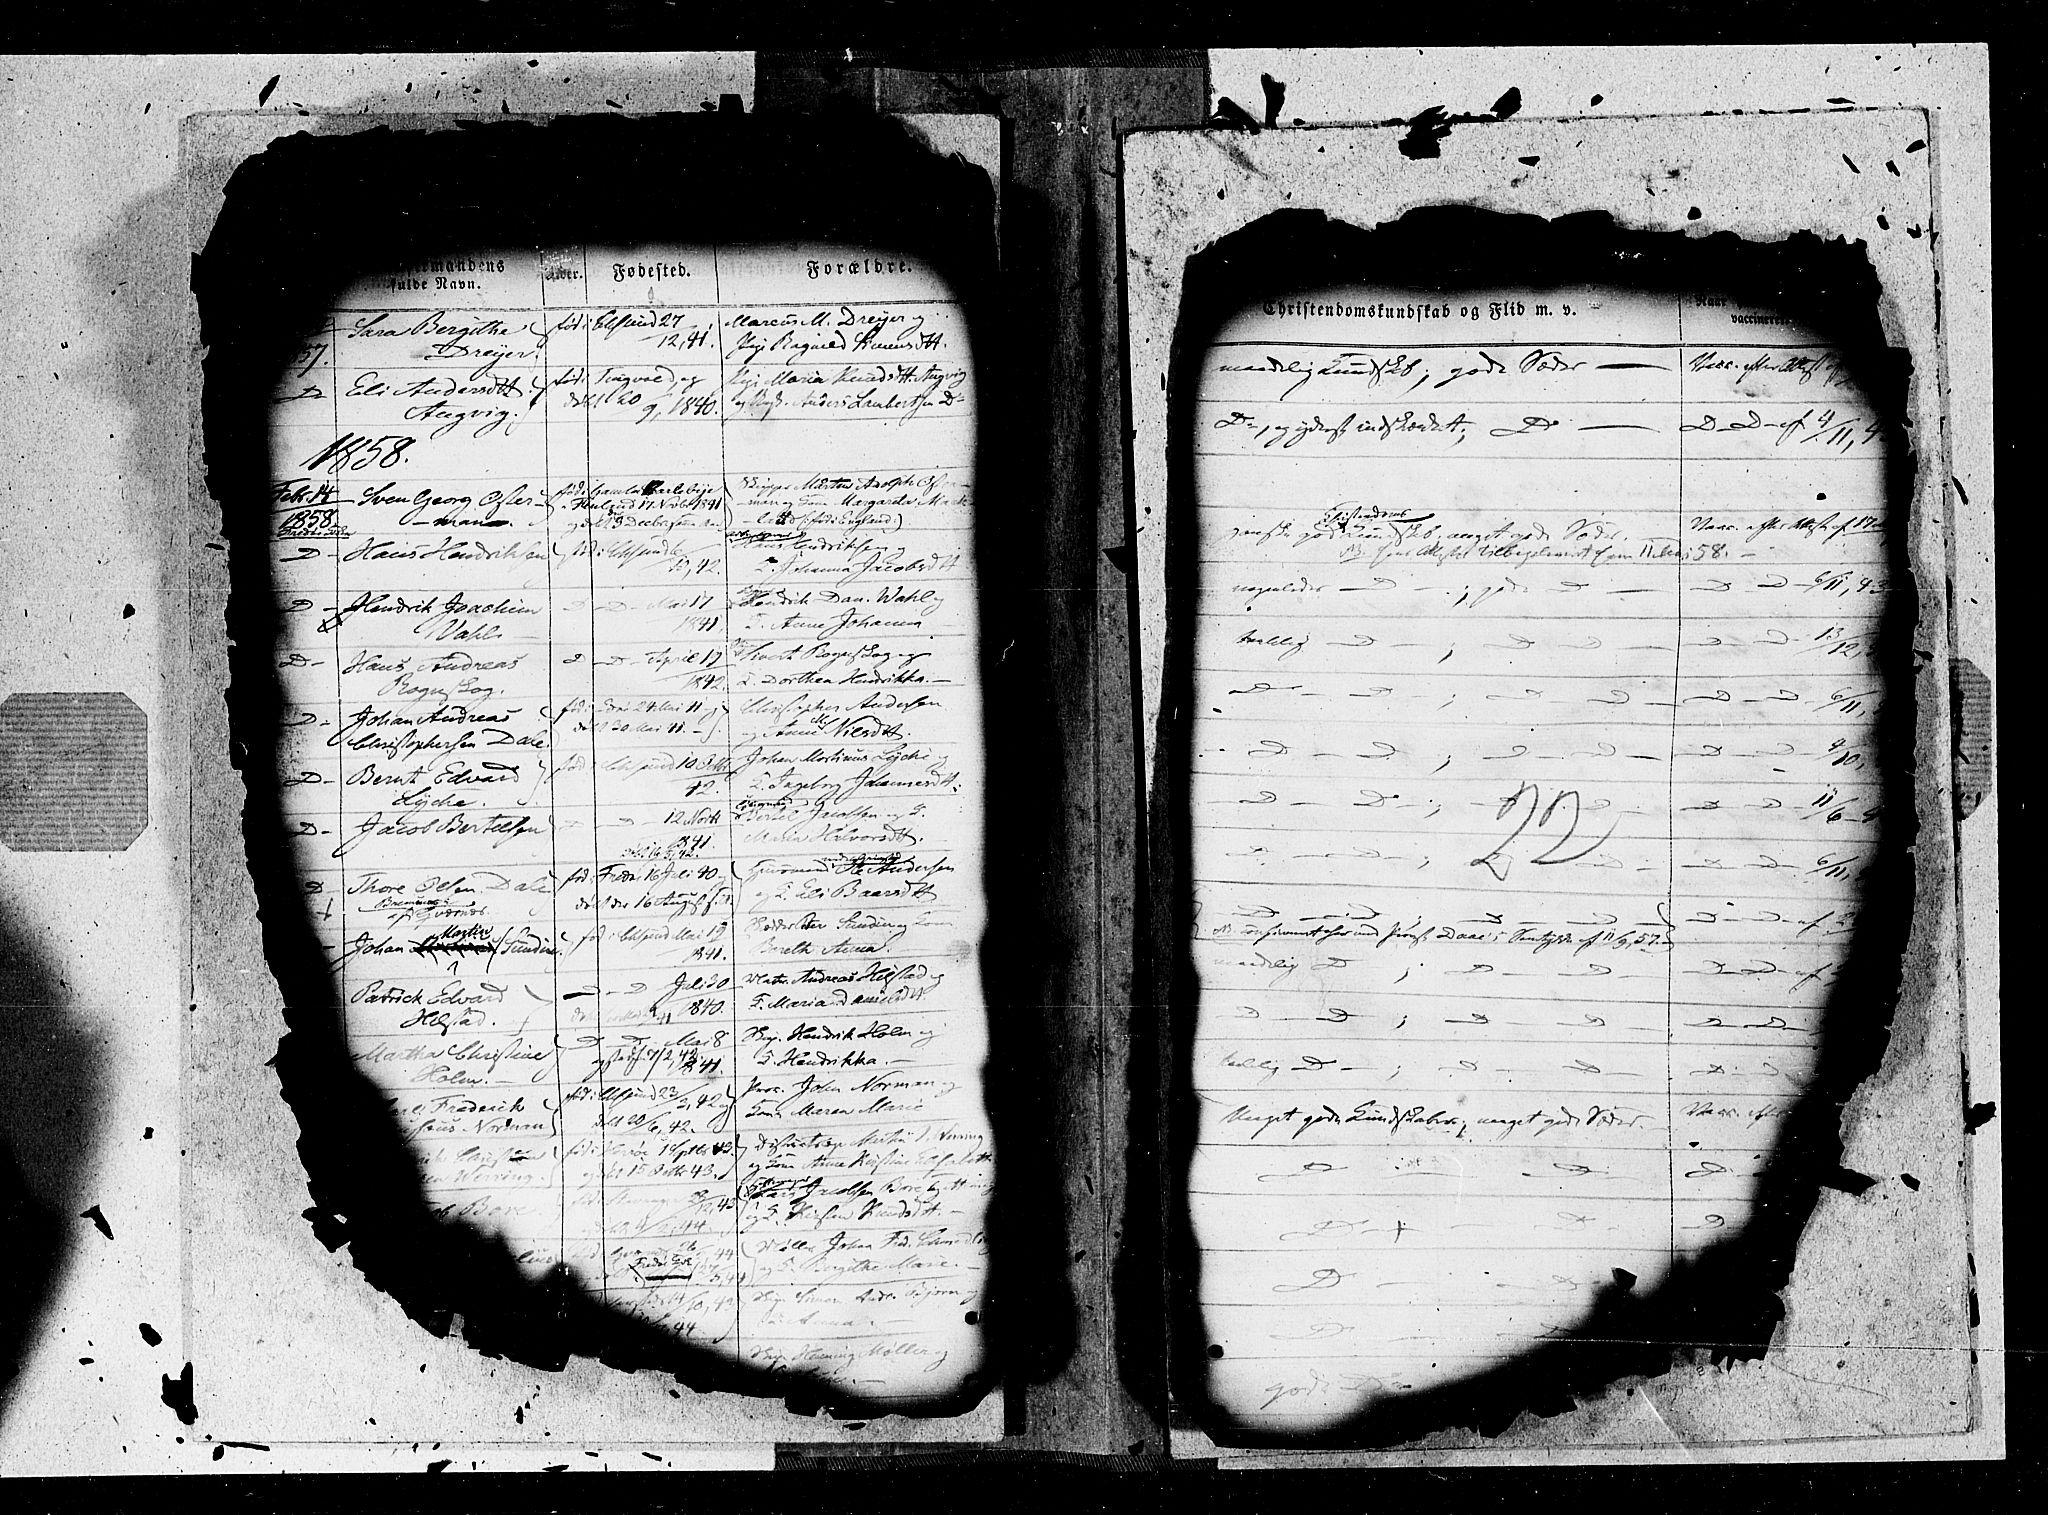 SAT, Ministerialprotokoller, klokkerbøker og fødselsregistre - Møre og Romsdal, 572/L0846: Ministerialbok nr. 572A09, 1855-1865, s. 22